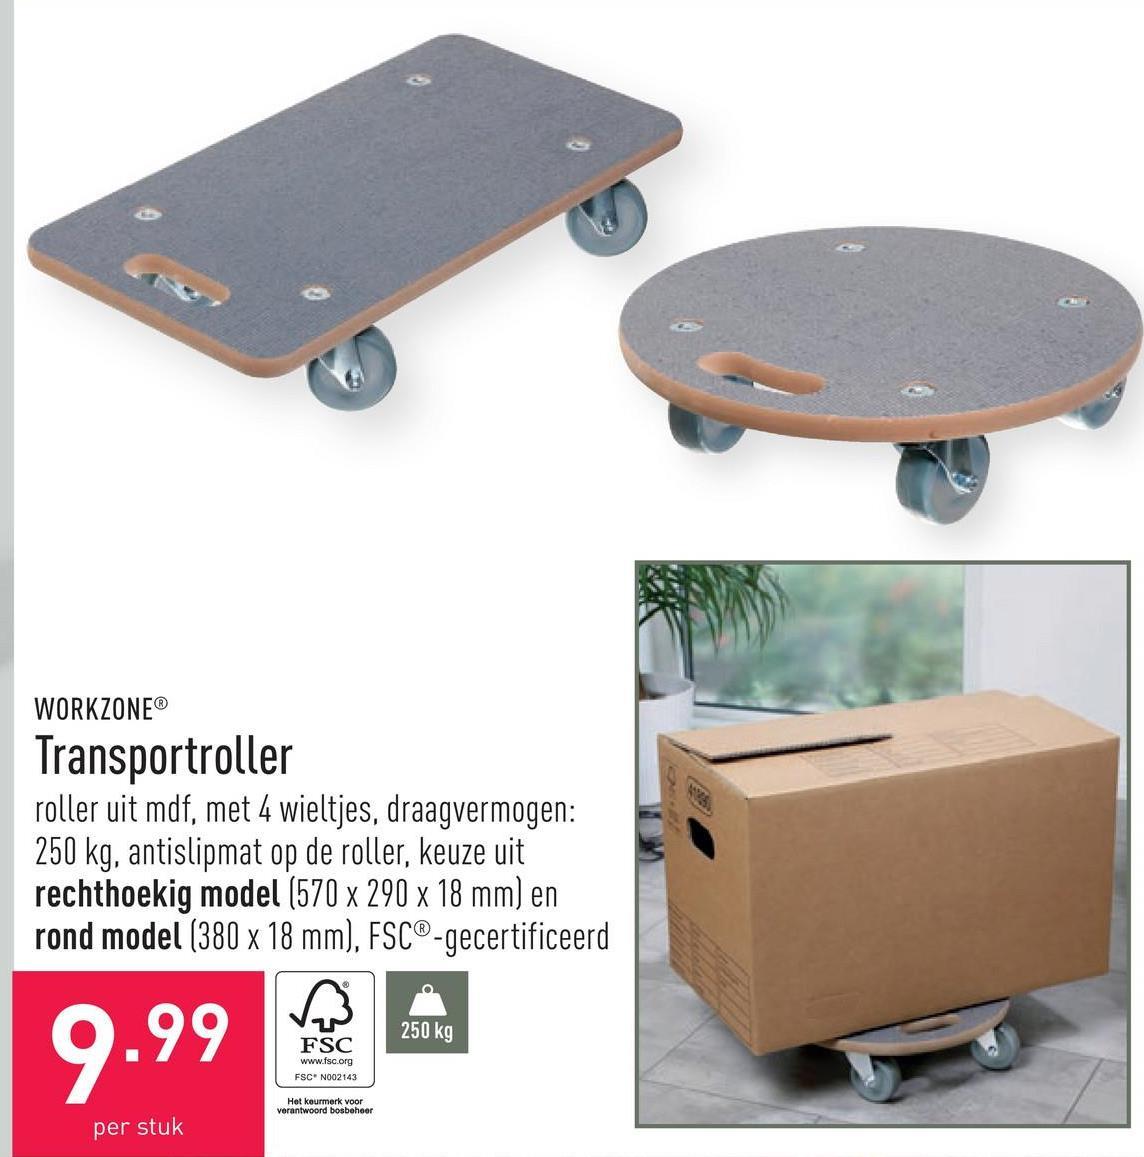 Transportroller roller uit mdf, met 4 wieltjes, draagvermogen: 250 kg, antislipmat op de roller, keuze uit rechthoekig model (570 x 290 x 18 mm) en rond model (380 x 18 mm), FSC®-gecertificeerd